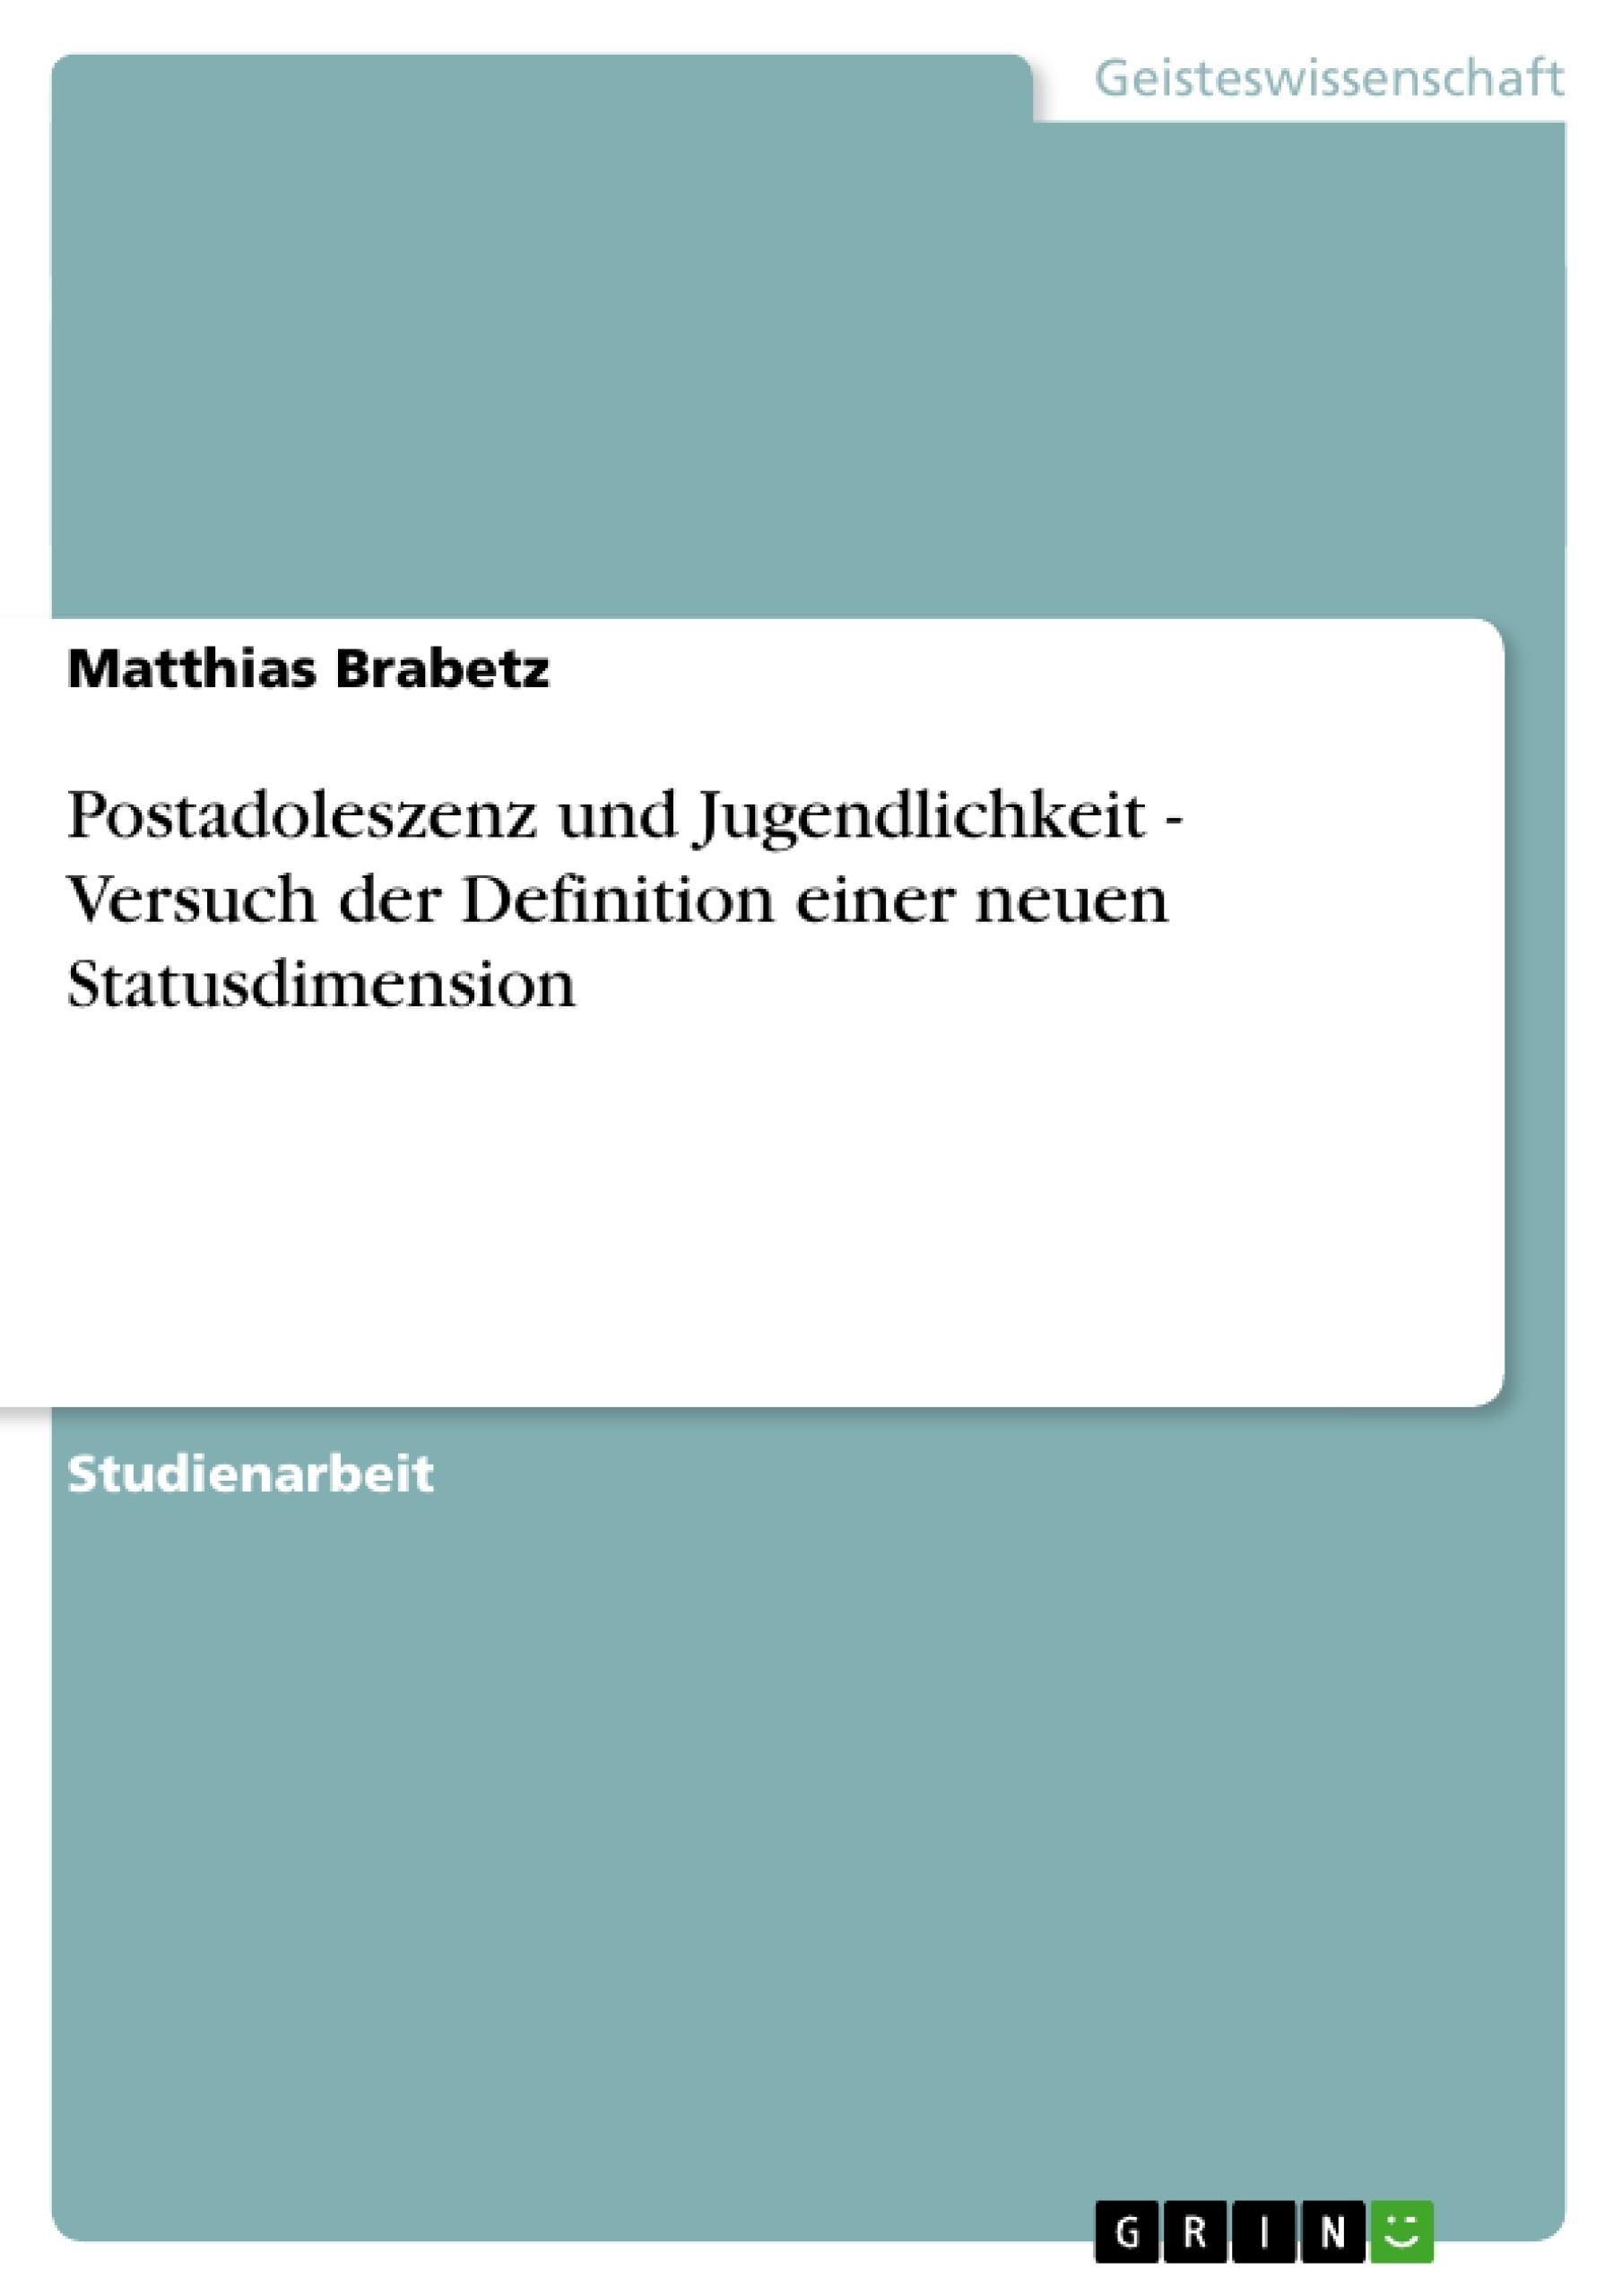 Titel: Postadoleszenz und Jugendlichkeit - Versuch der Definition einer neuen Statusdimension